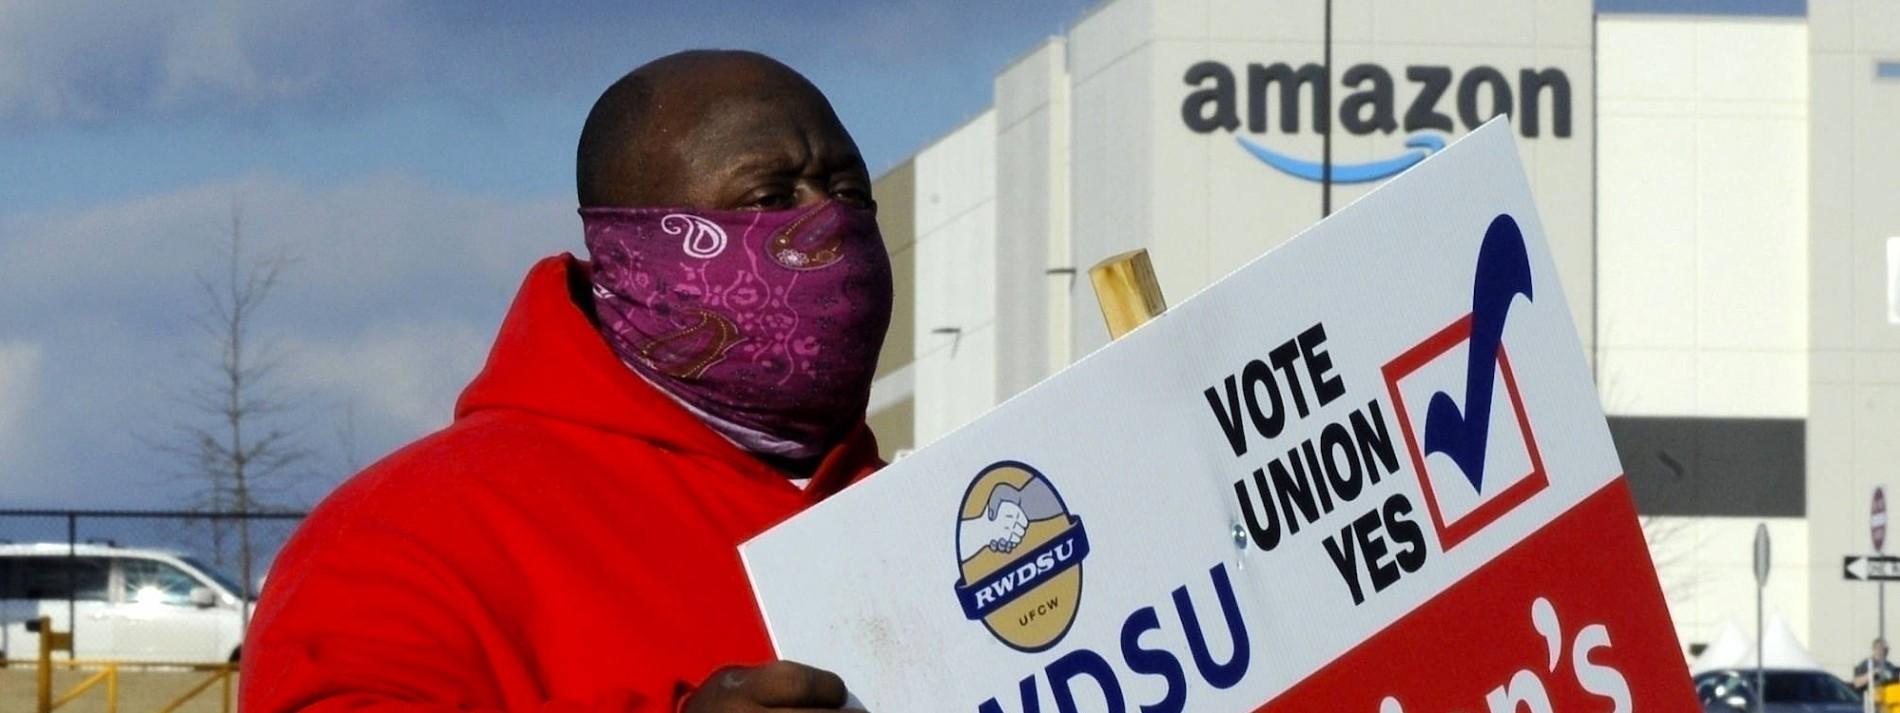 Beschäftigte stimmen gegen Amazon-Gewerkschaft